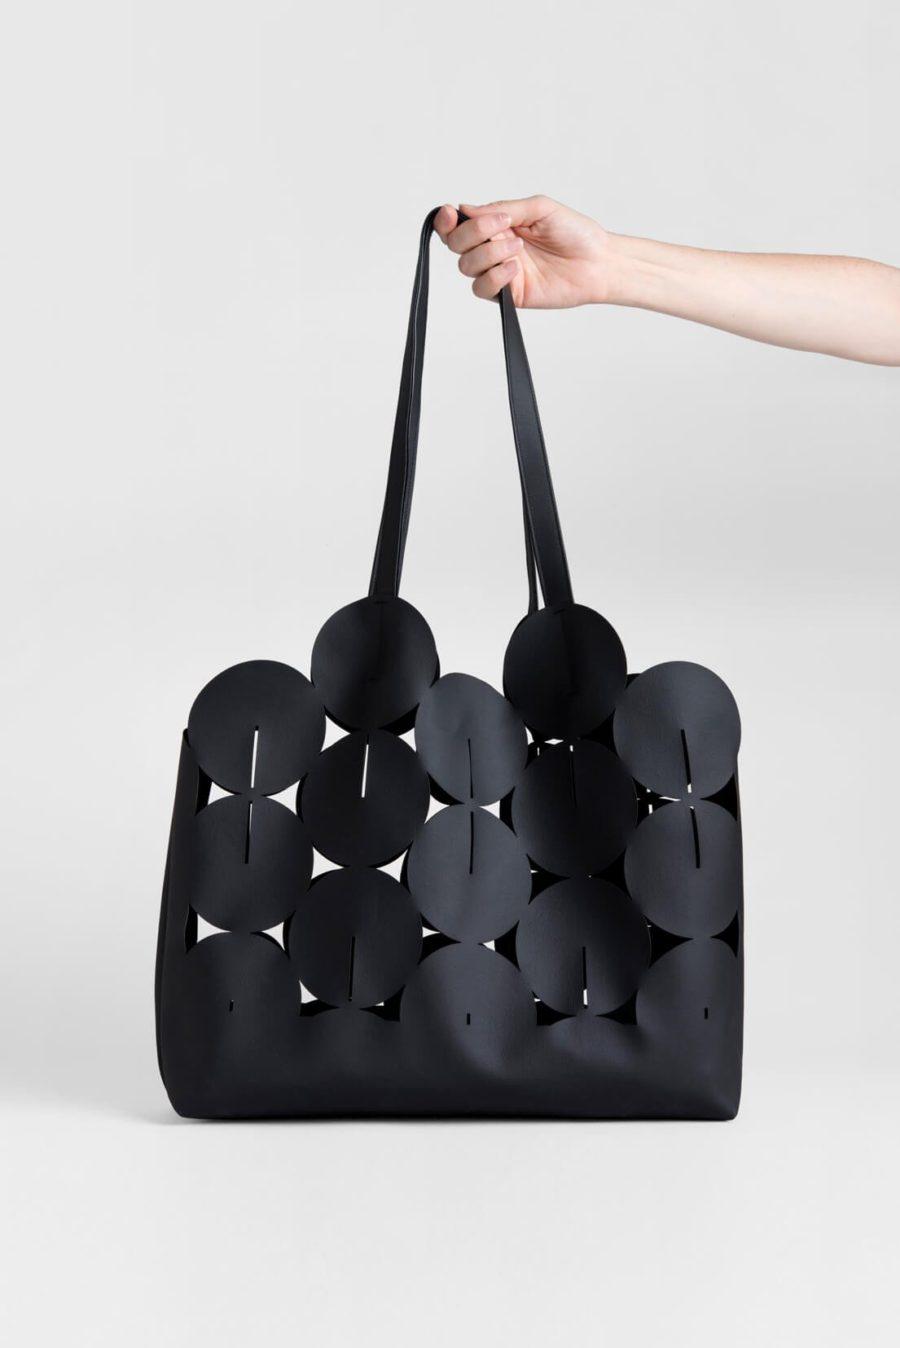 Ciclo Bag